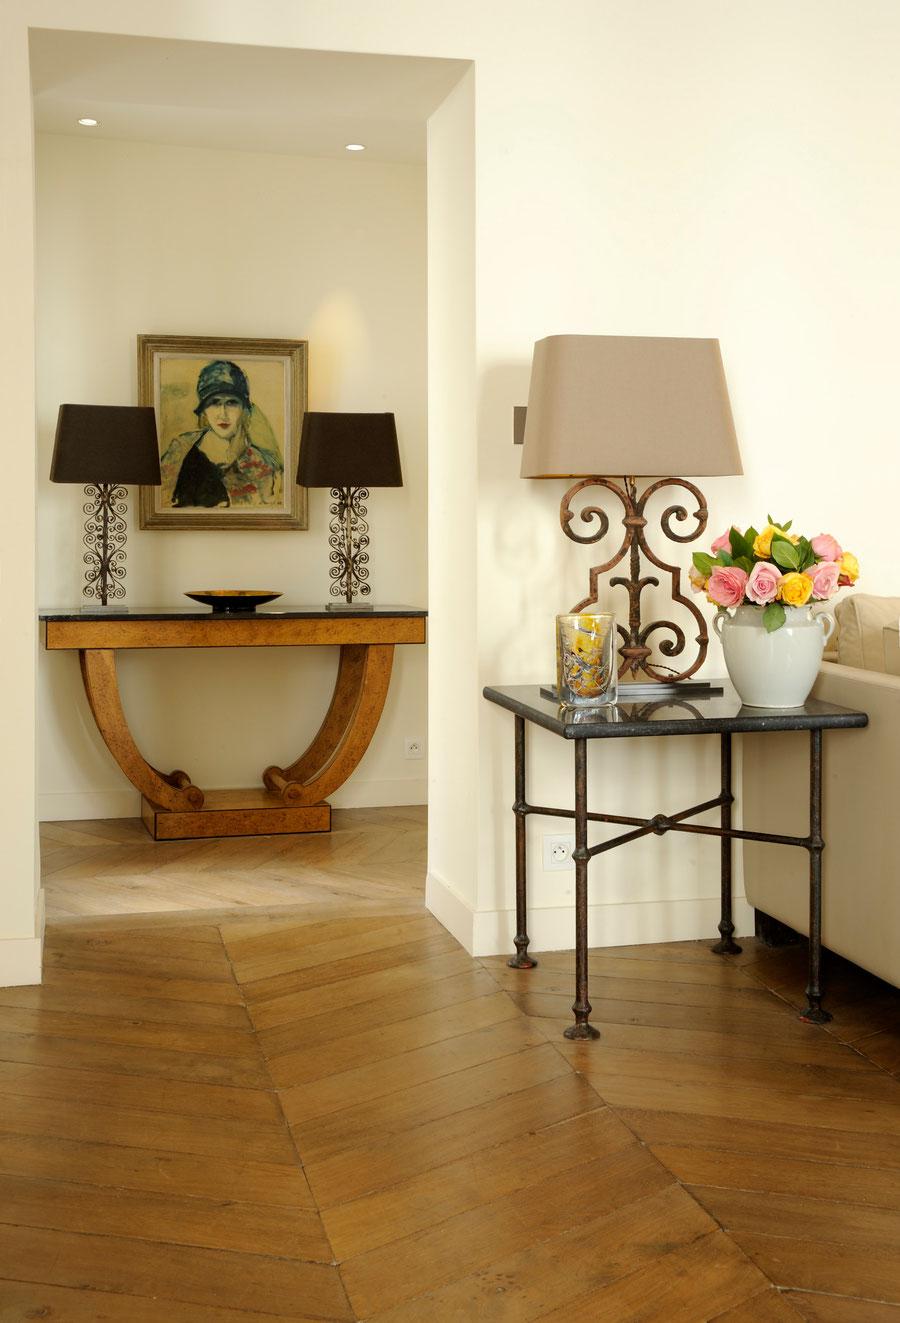 franz sisches fischgr t parkett www fischgr t. Black Bedroom Furniture Sets. Home Design Ideas